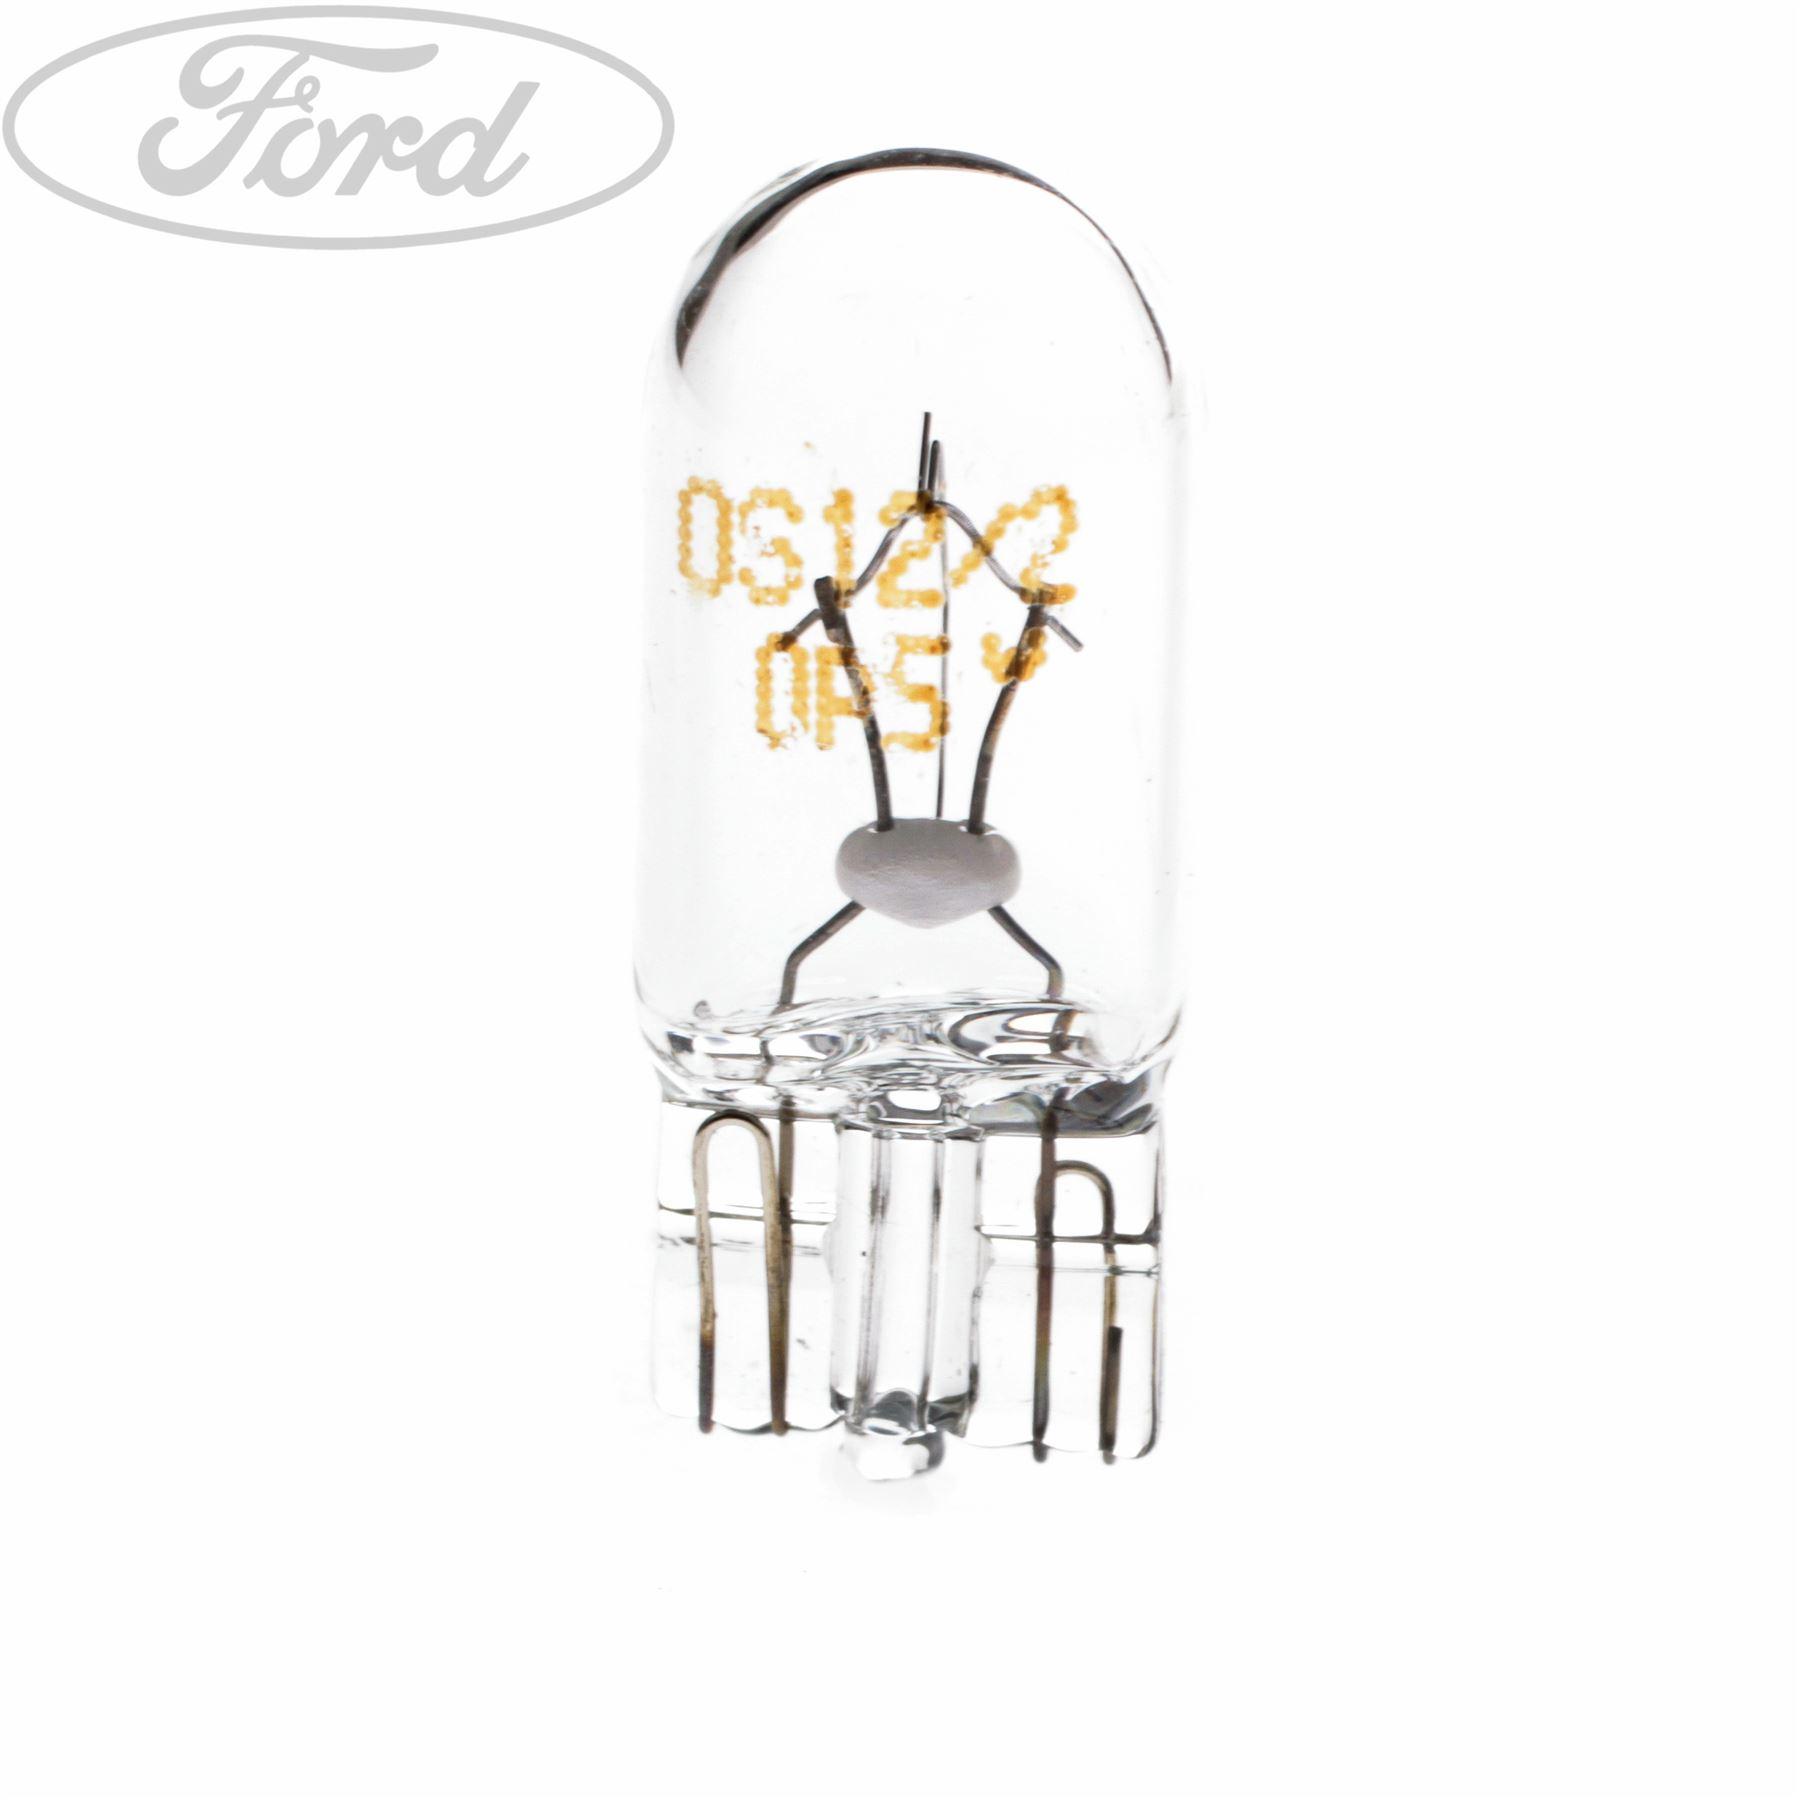 H4 Wiring Lamp